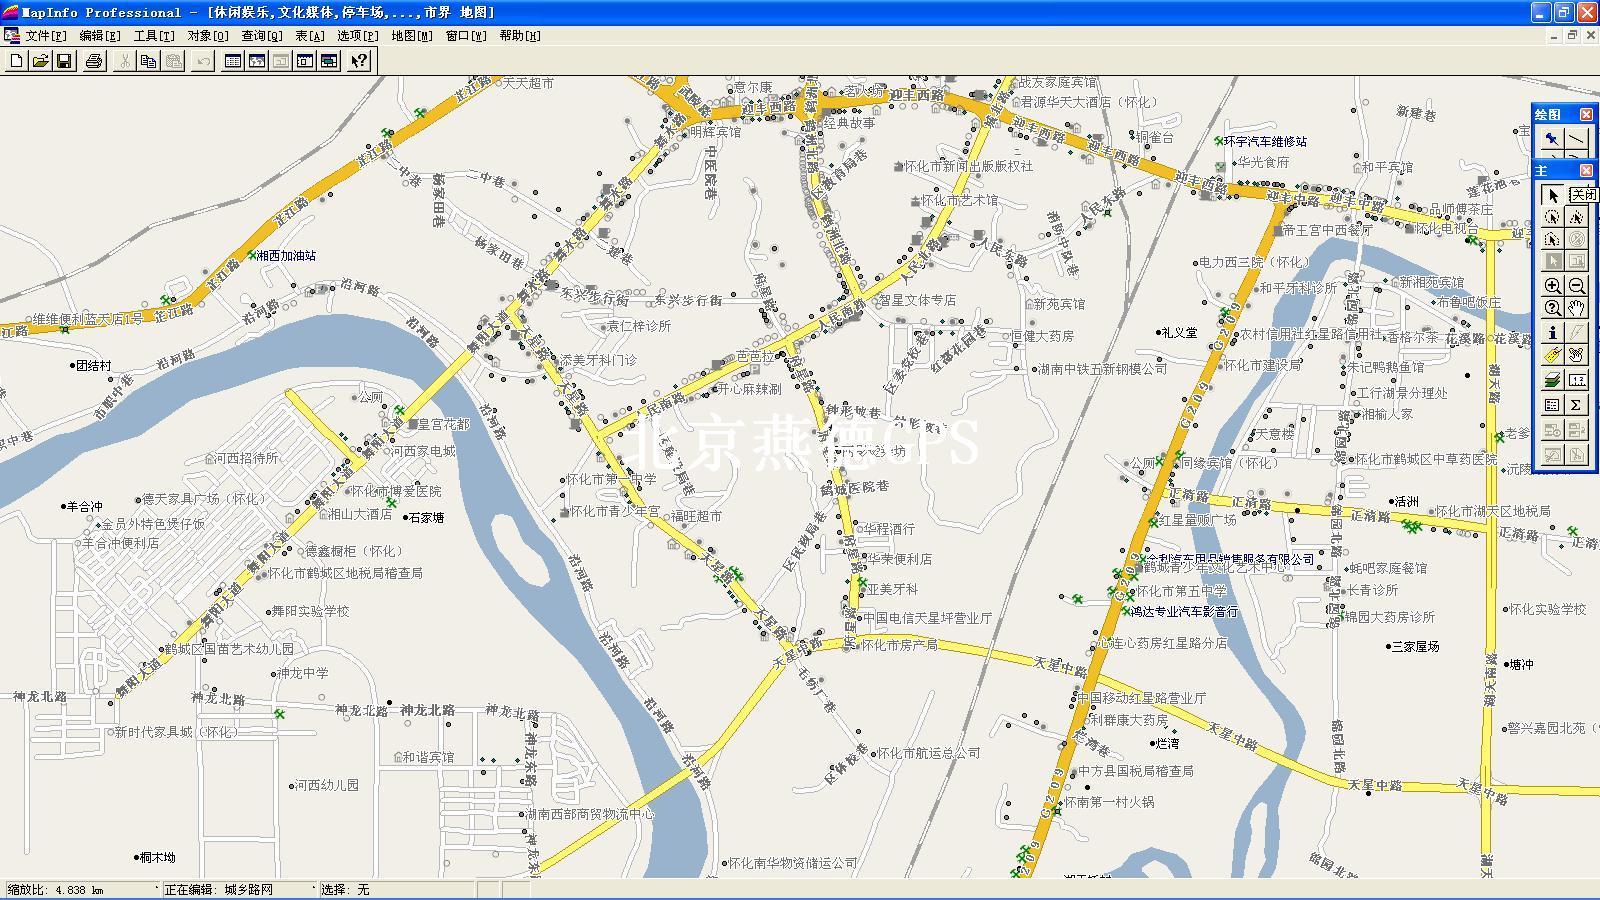 中国怀化地图全图